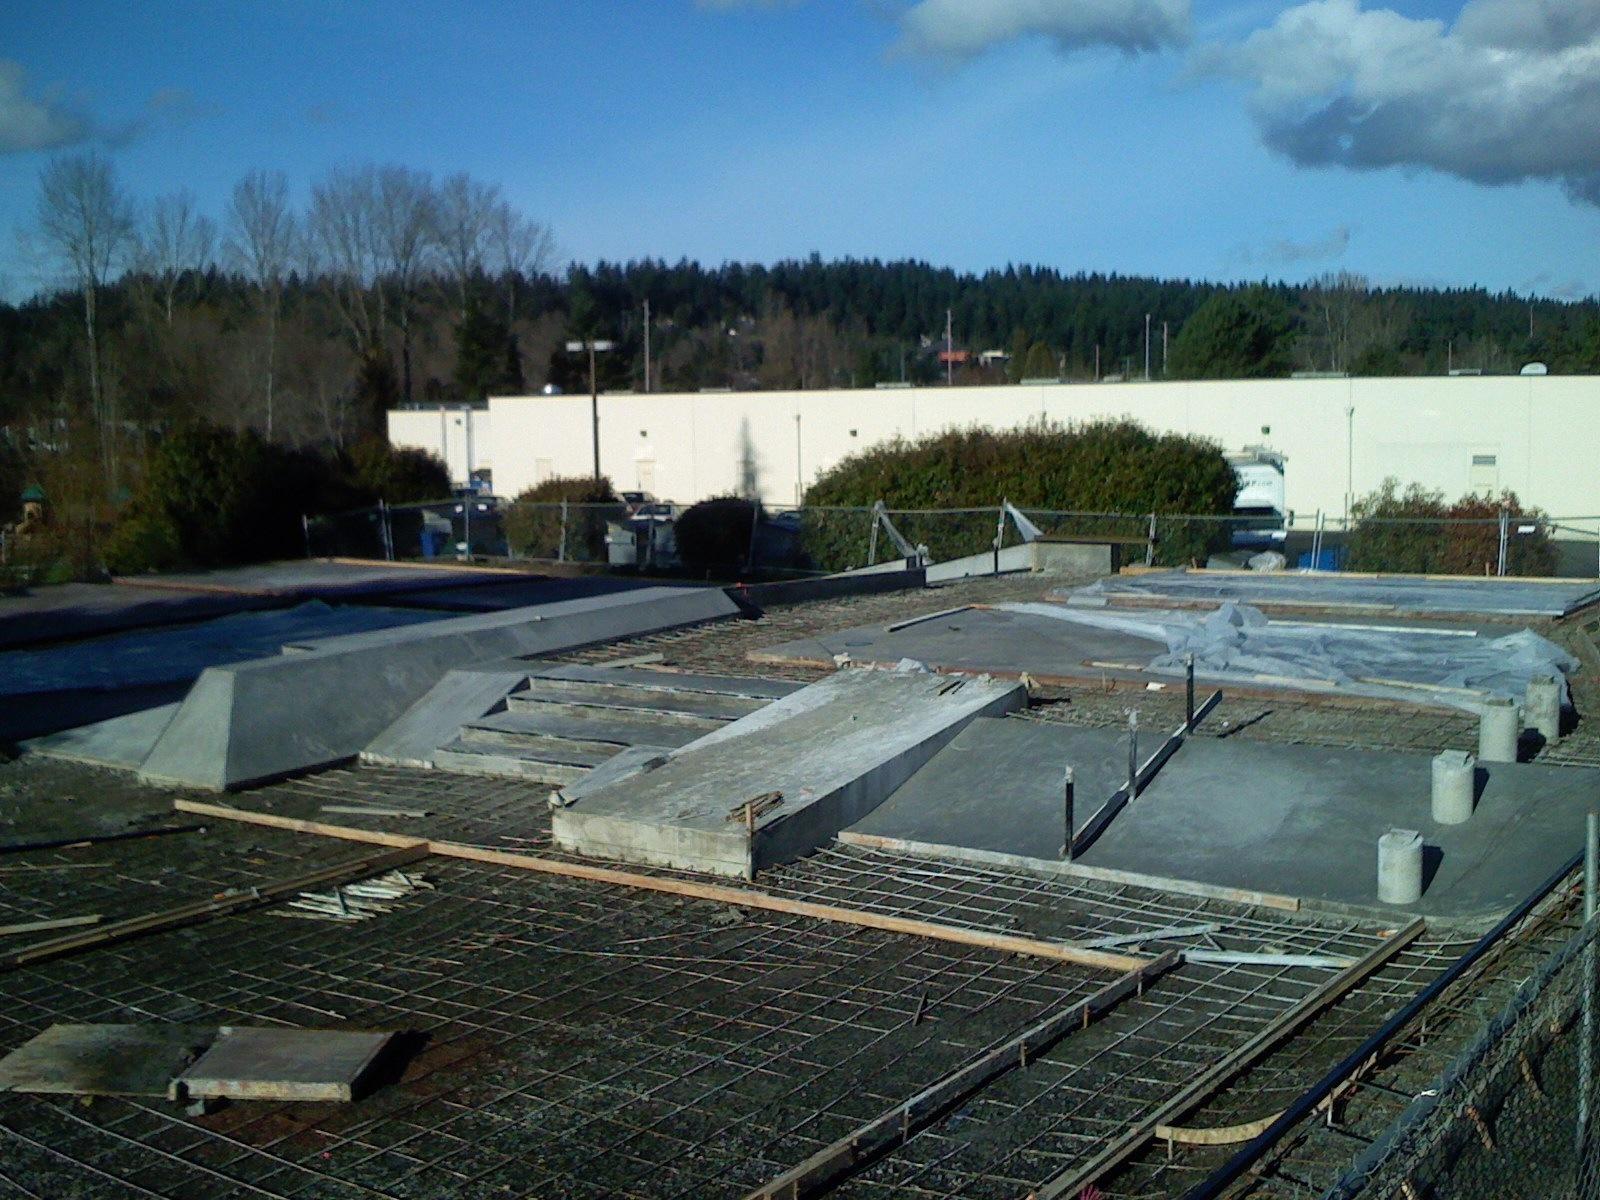 Bellevue Highland Skateplaza wide